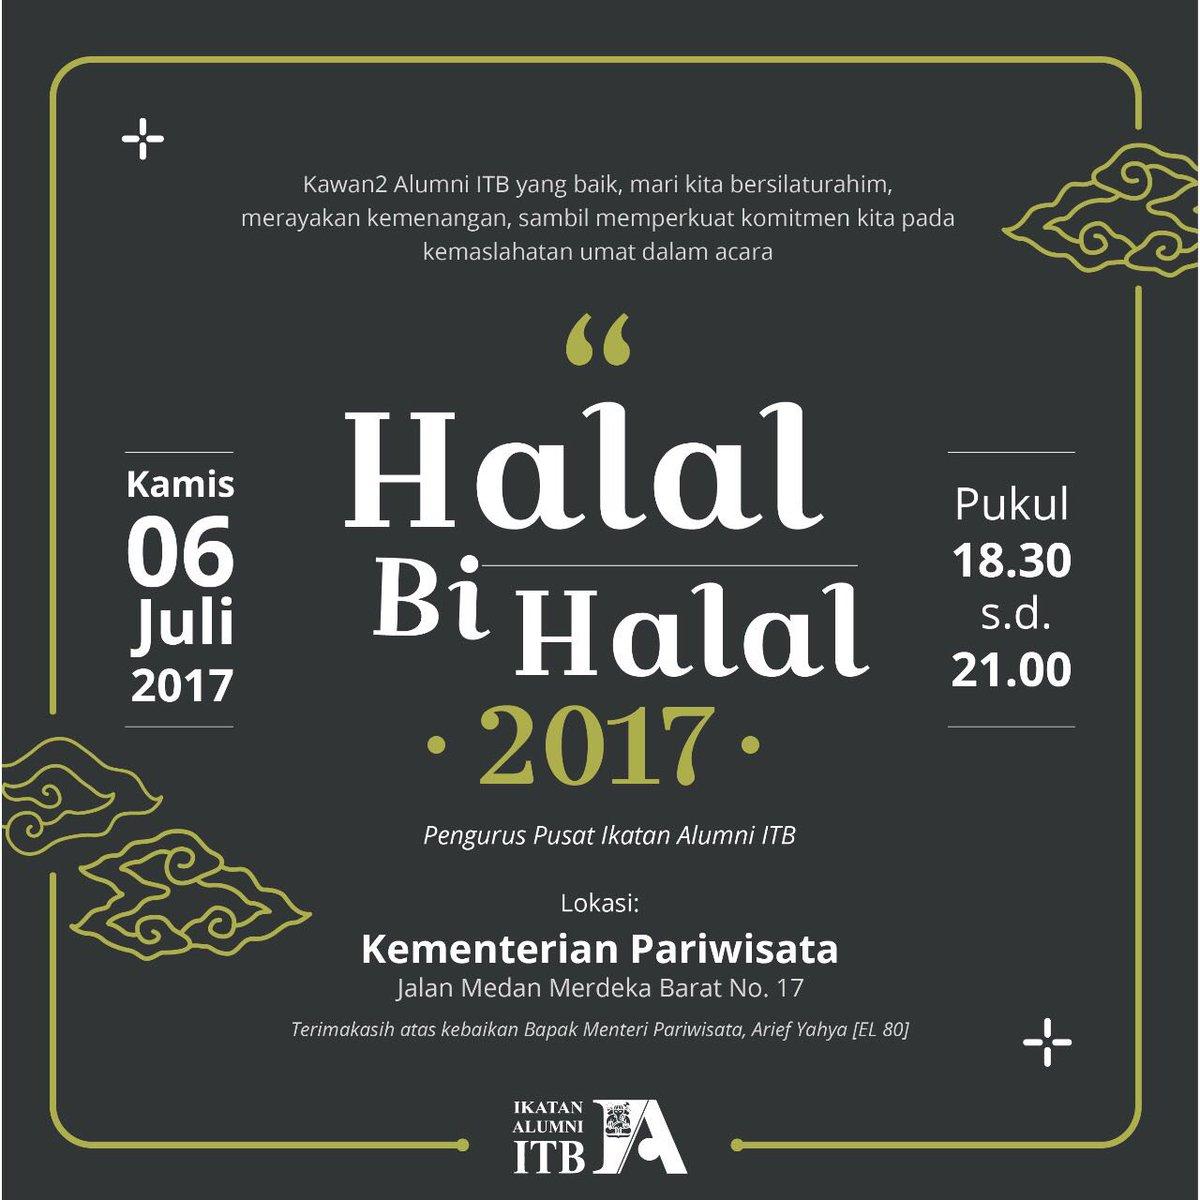 Ikatan Alumni Itb On Twitter Undangan Halal Bi Halal Ia Itb 2017